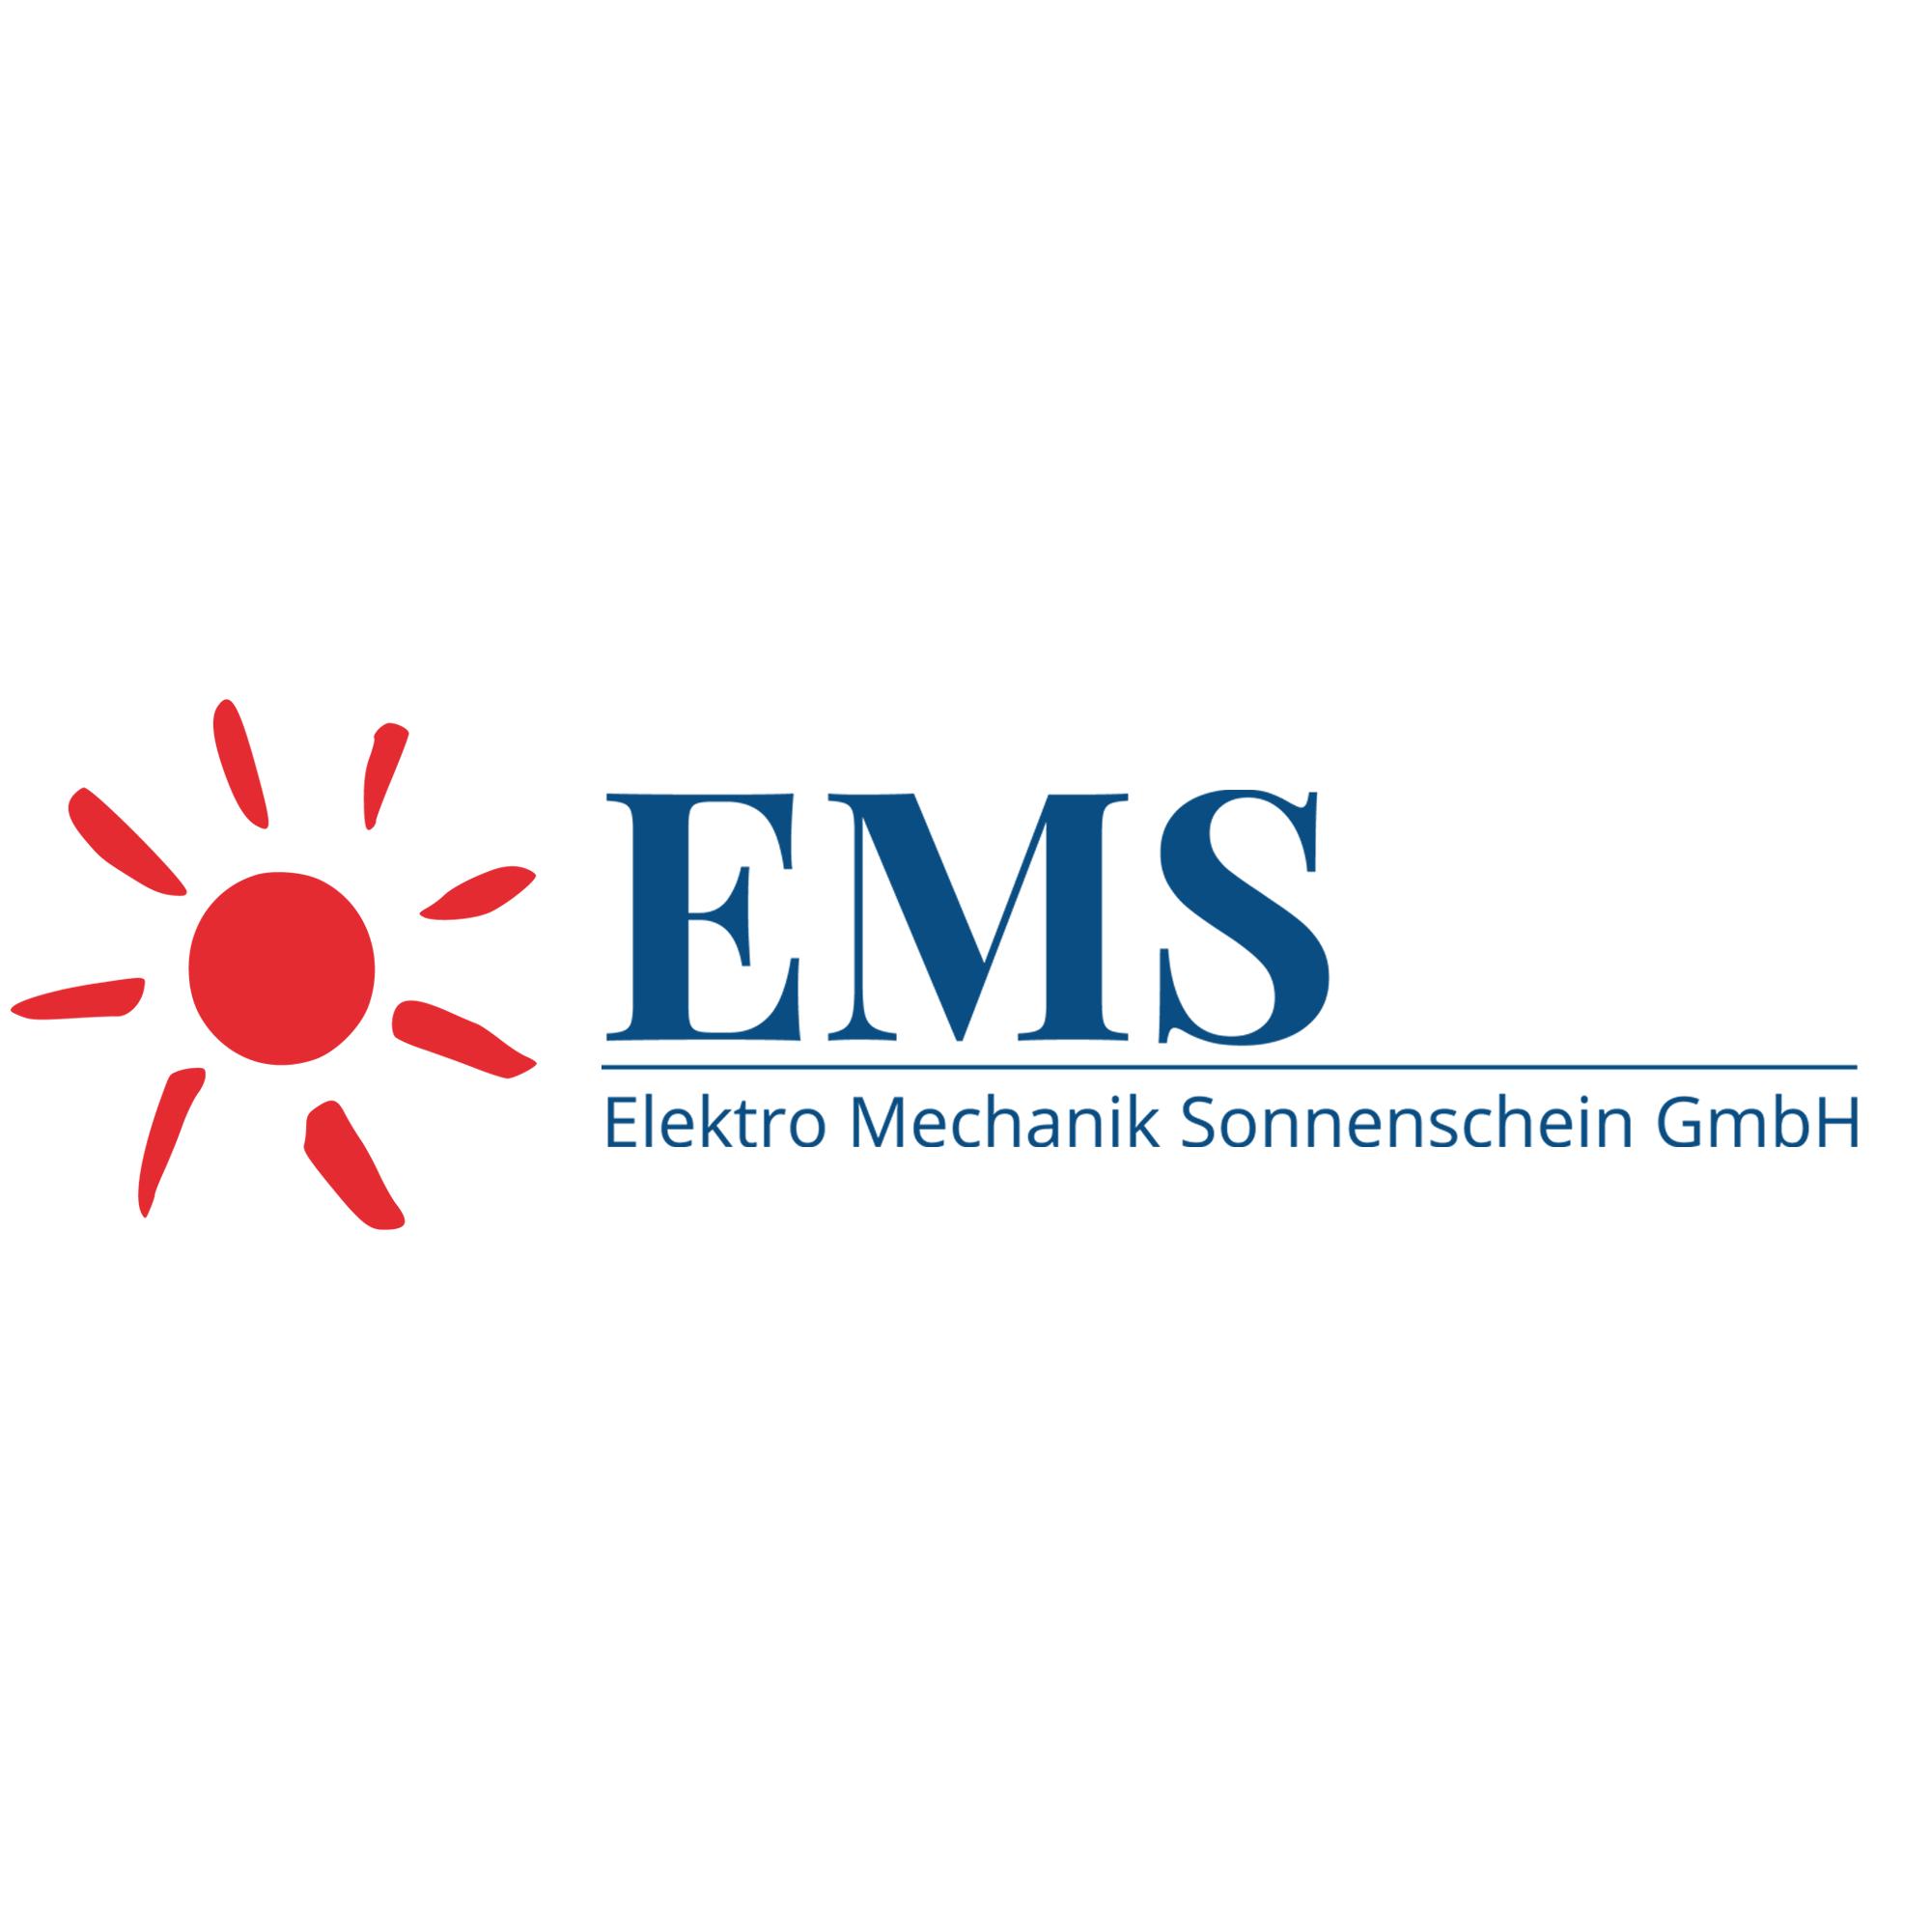 Elektro Mechanik Sonnenschein GmbH